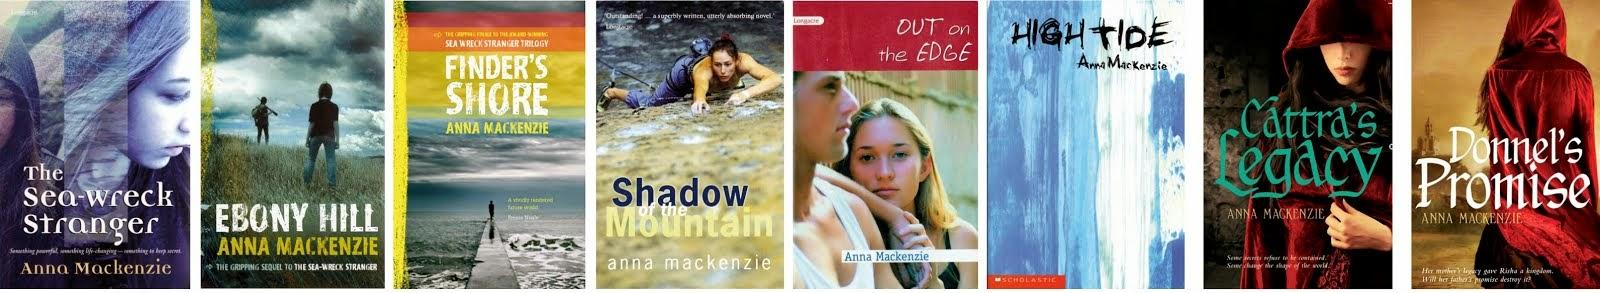 anna mackenzie titles